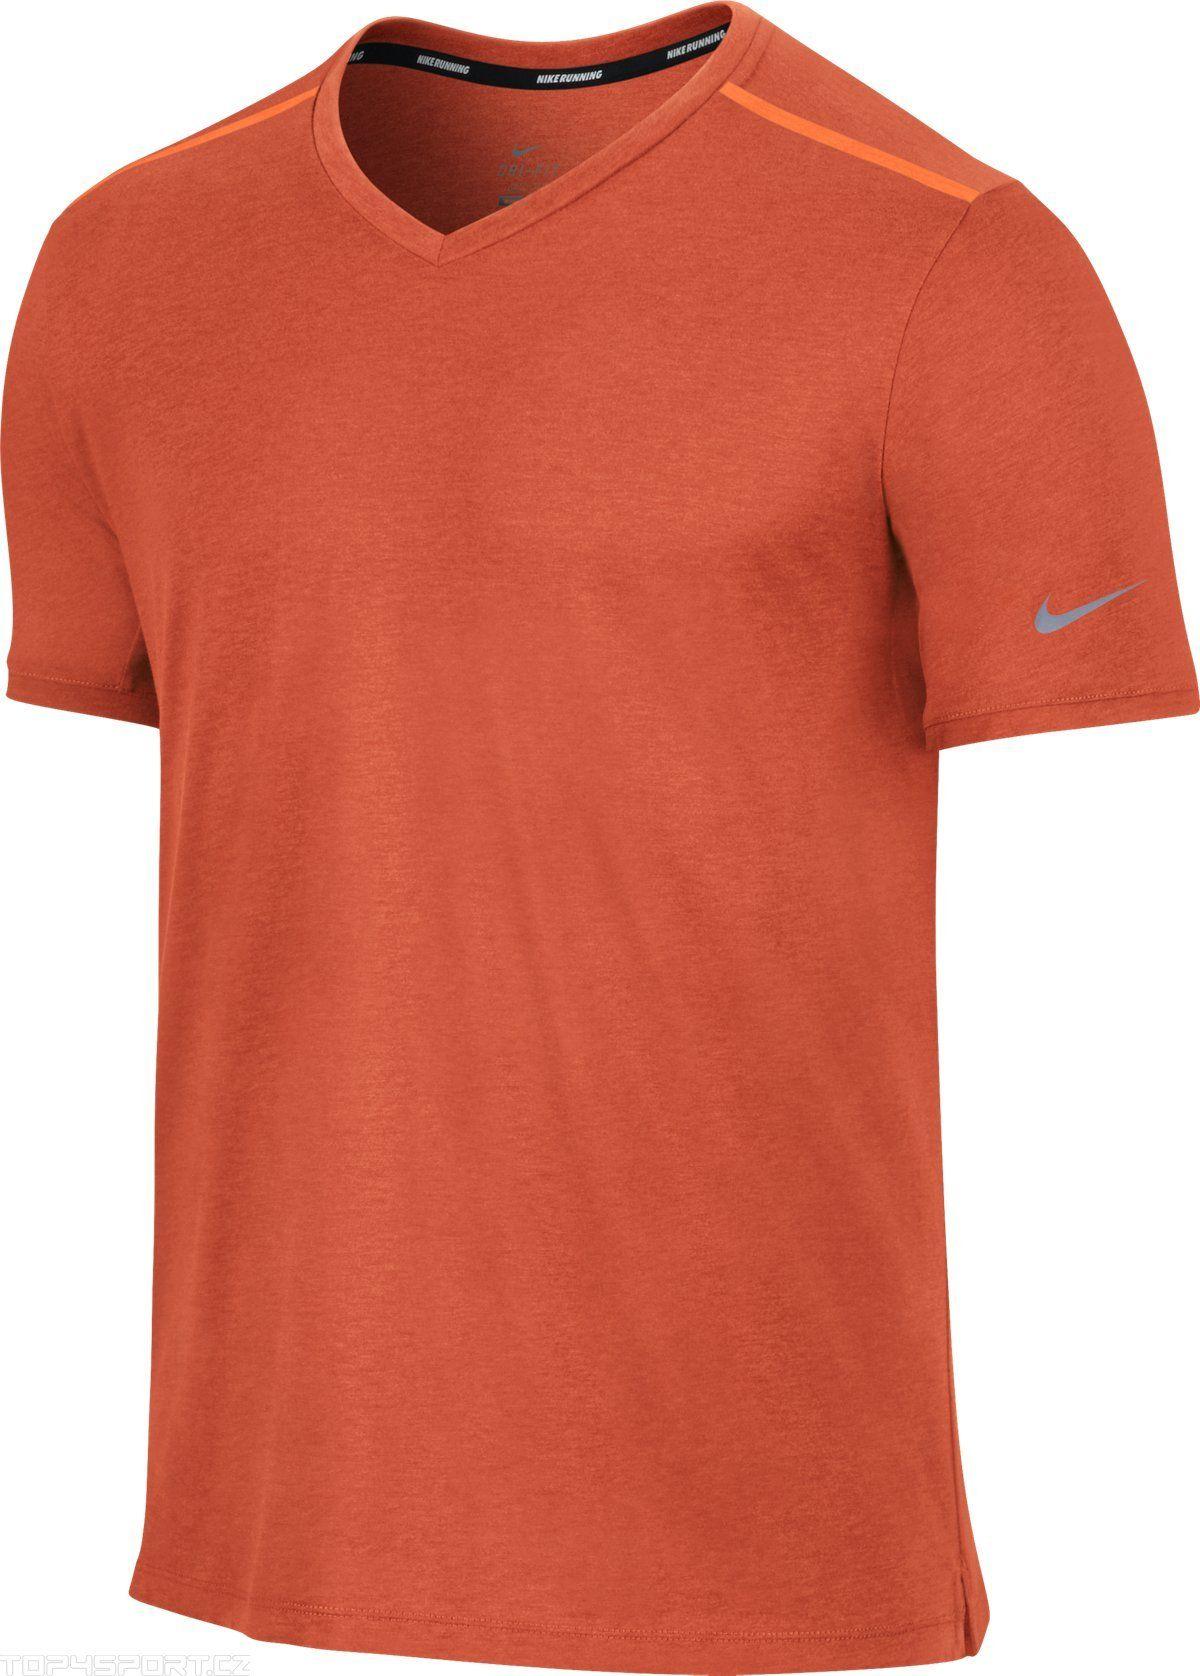 a4eb95512875 Pánské běžecké triko s krátkým rukávem Tailwind SS V – Nike – 589674 ...